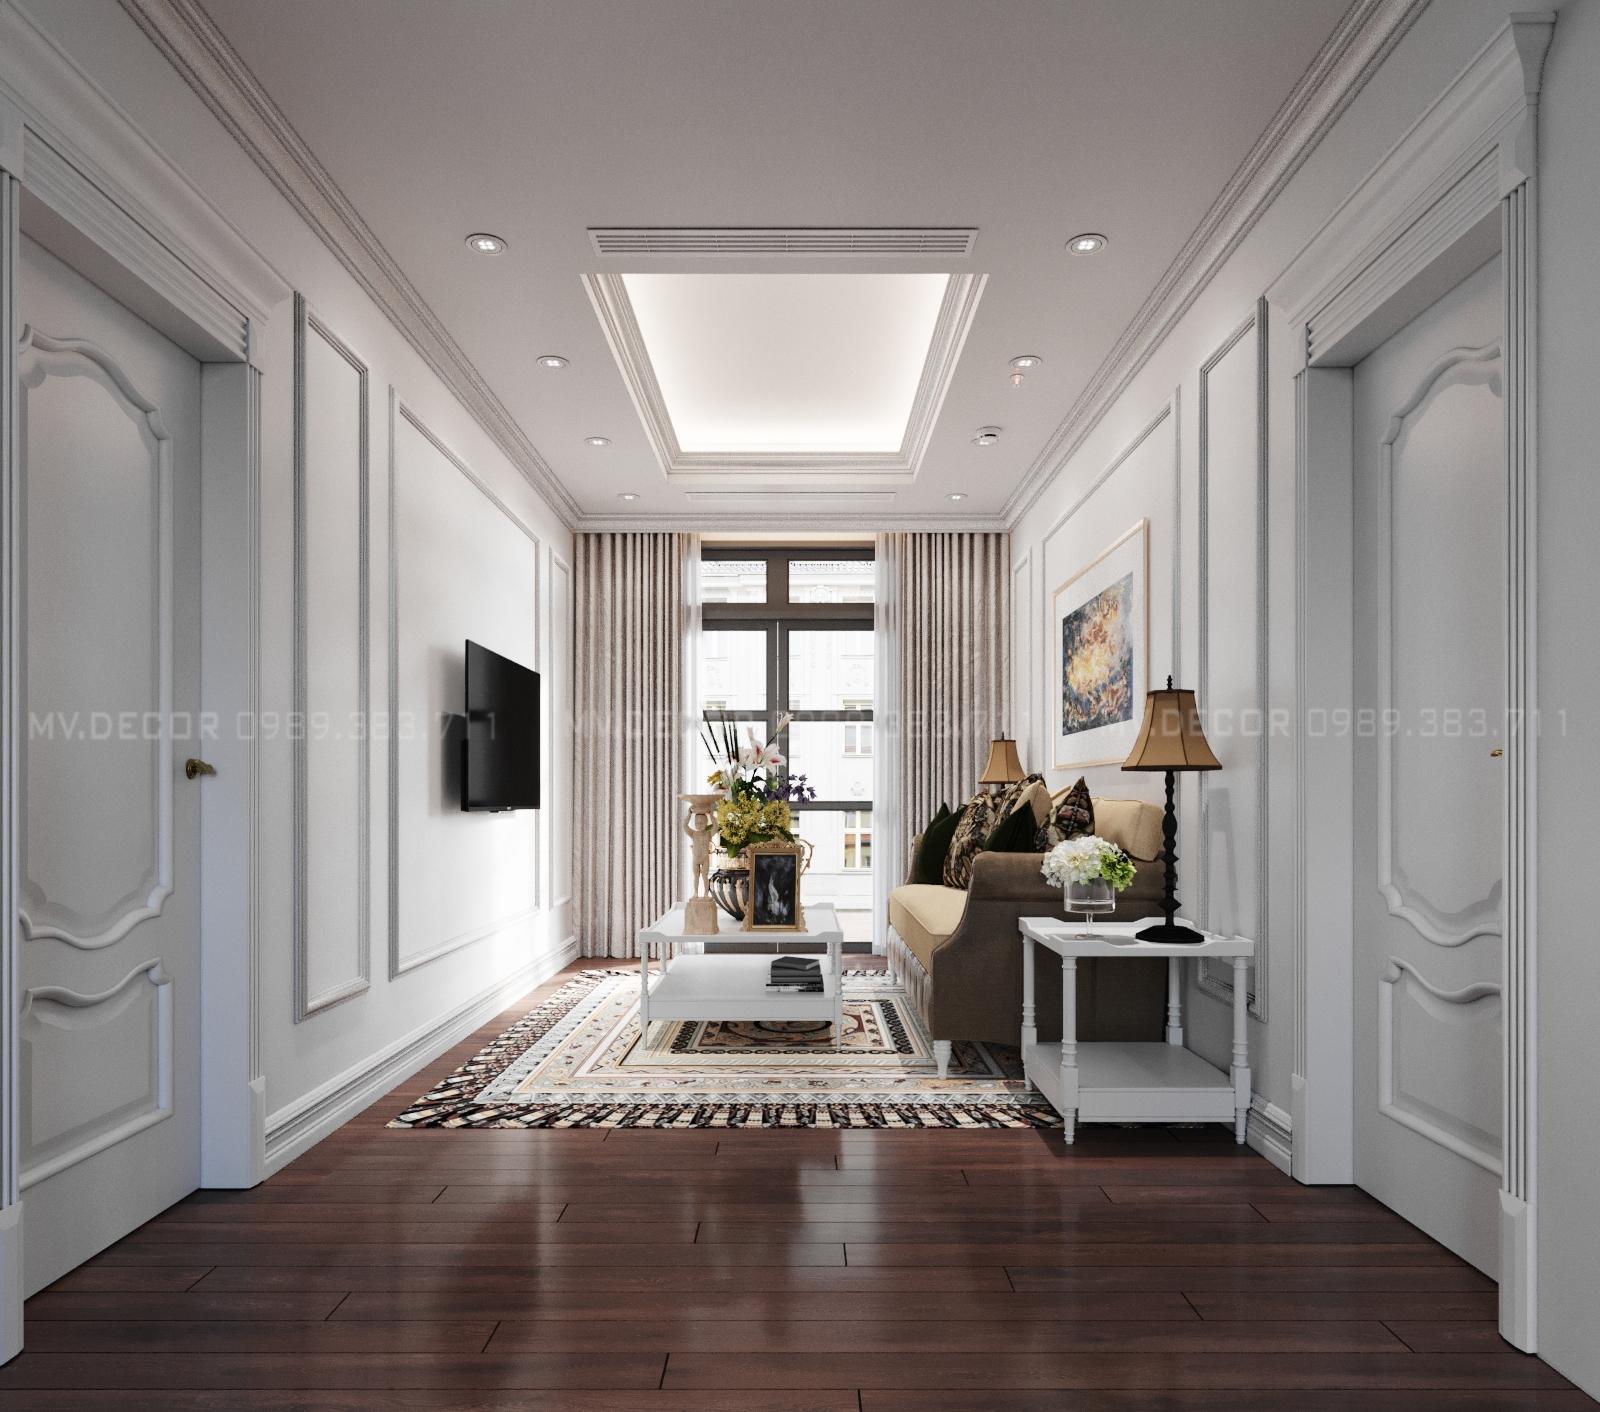 thiết kế nội thất Biệt Thự tại Hải Phòng BT VENICE 6-26 25 1564932020